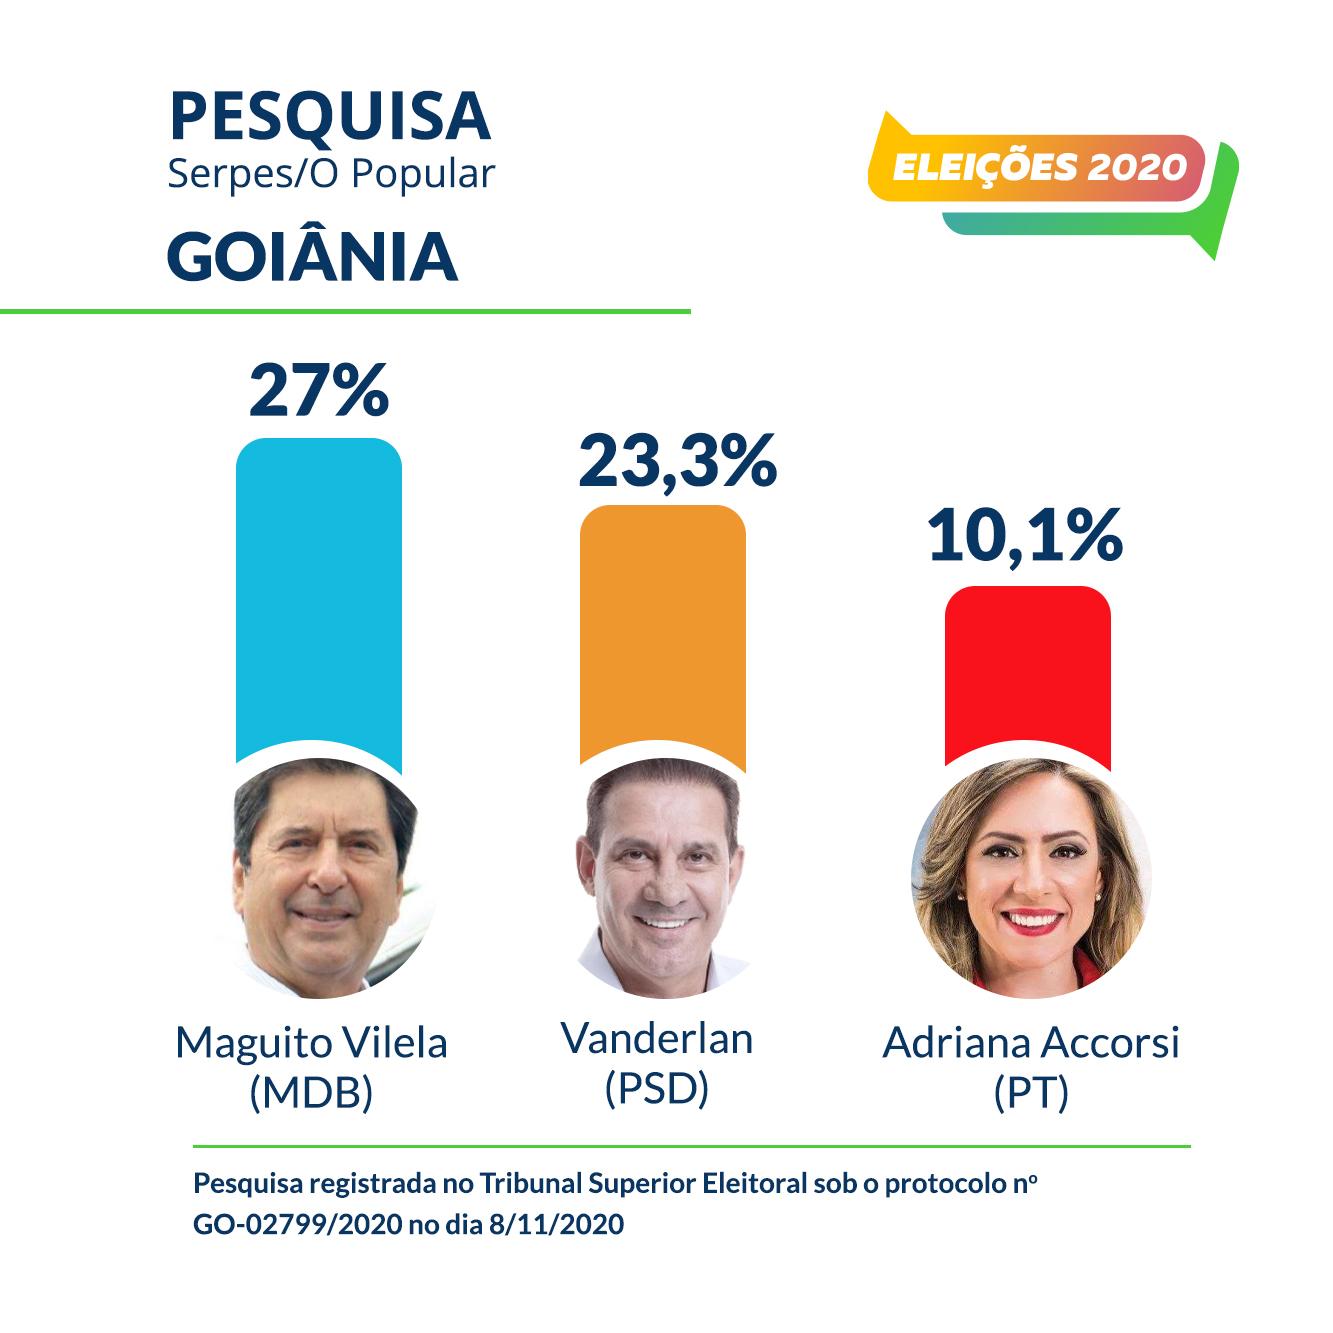 Maguito alcança 27% e Vanderlan tem 23,3% em Goiânia, aponta pesquisa